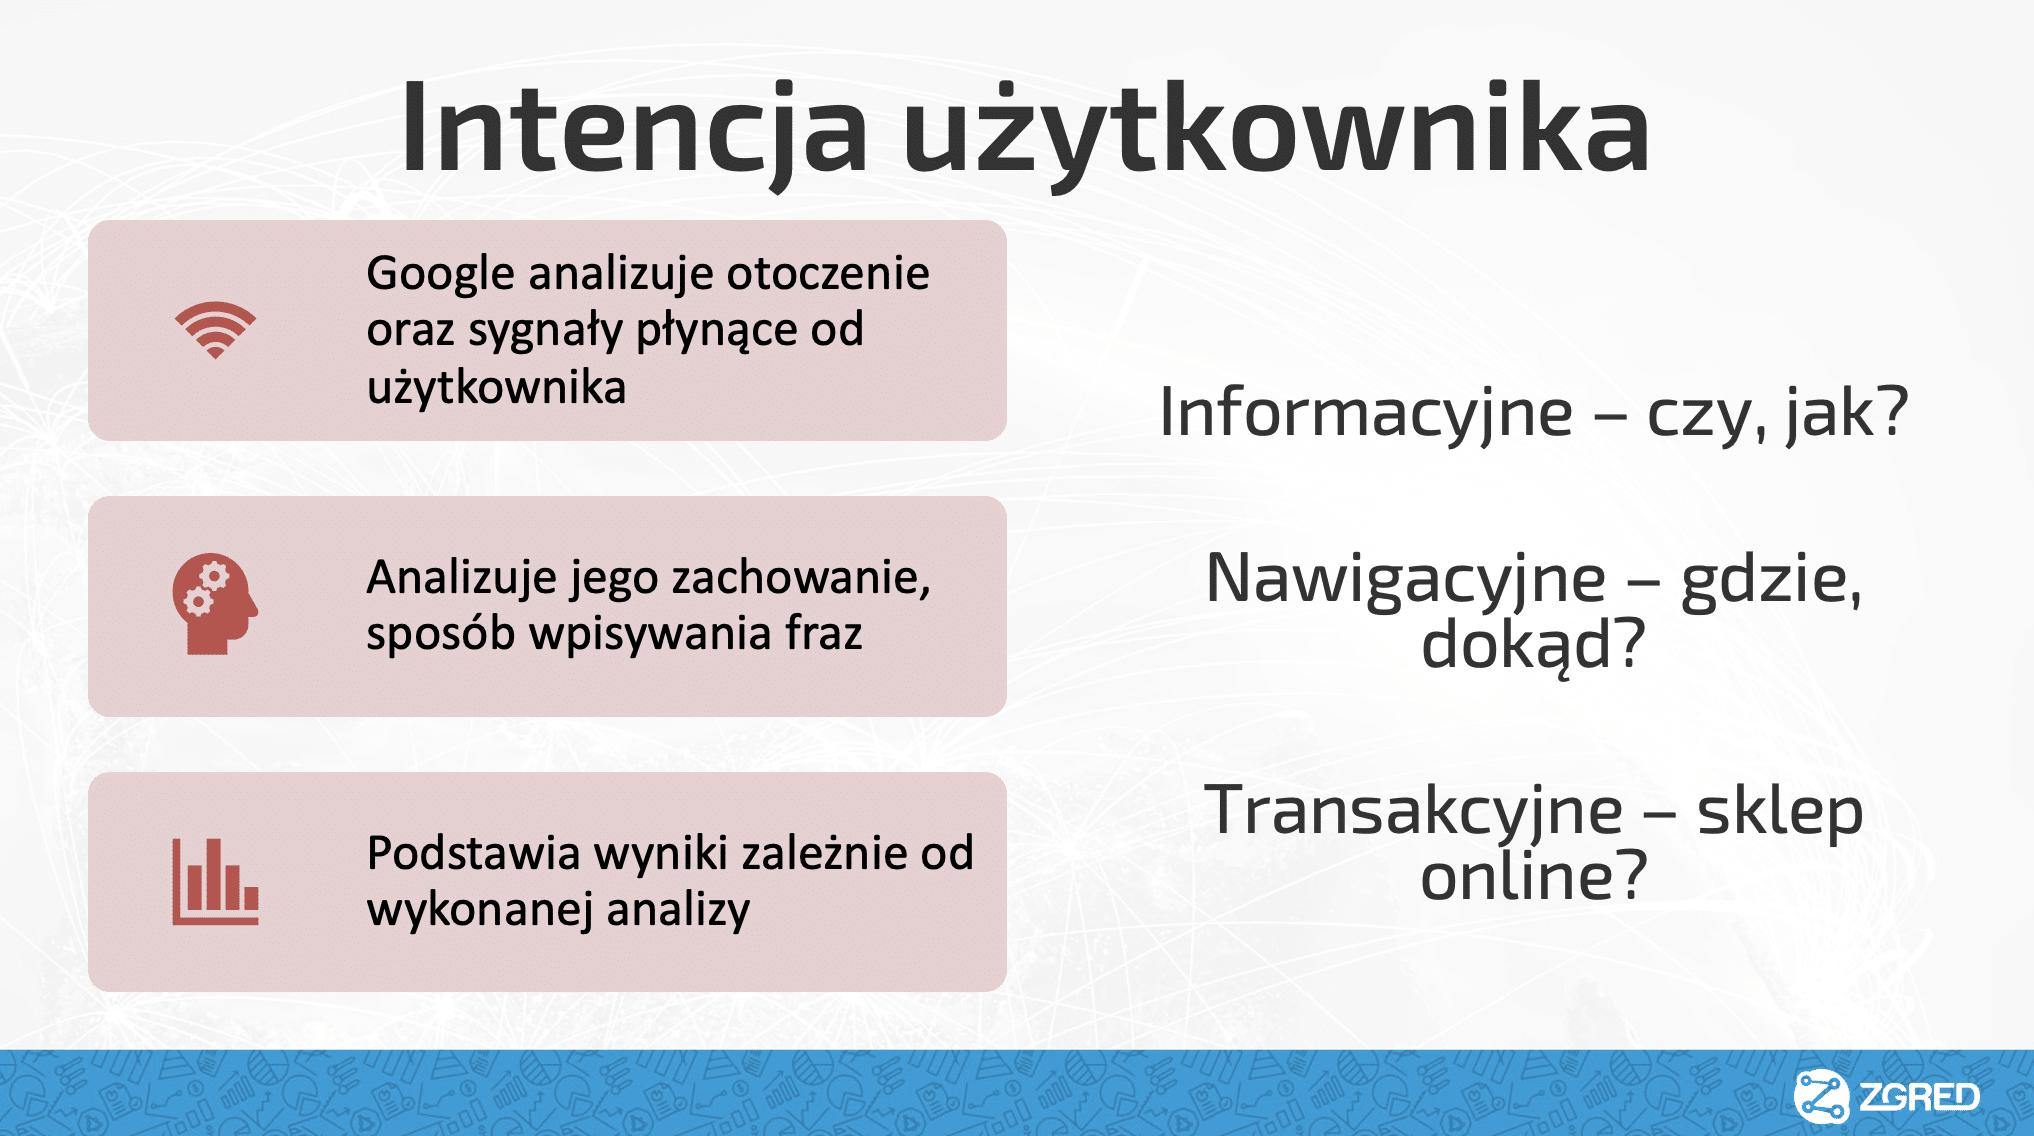 Intencja użytkownika